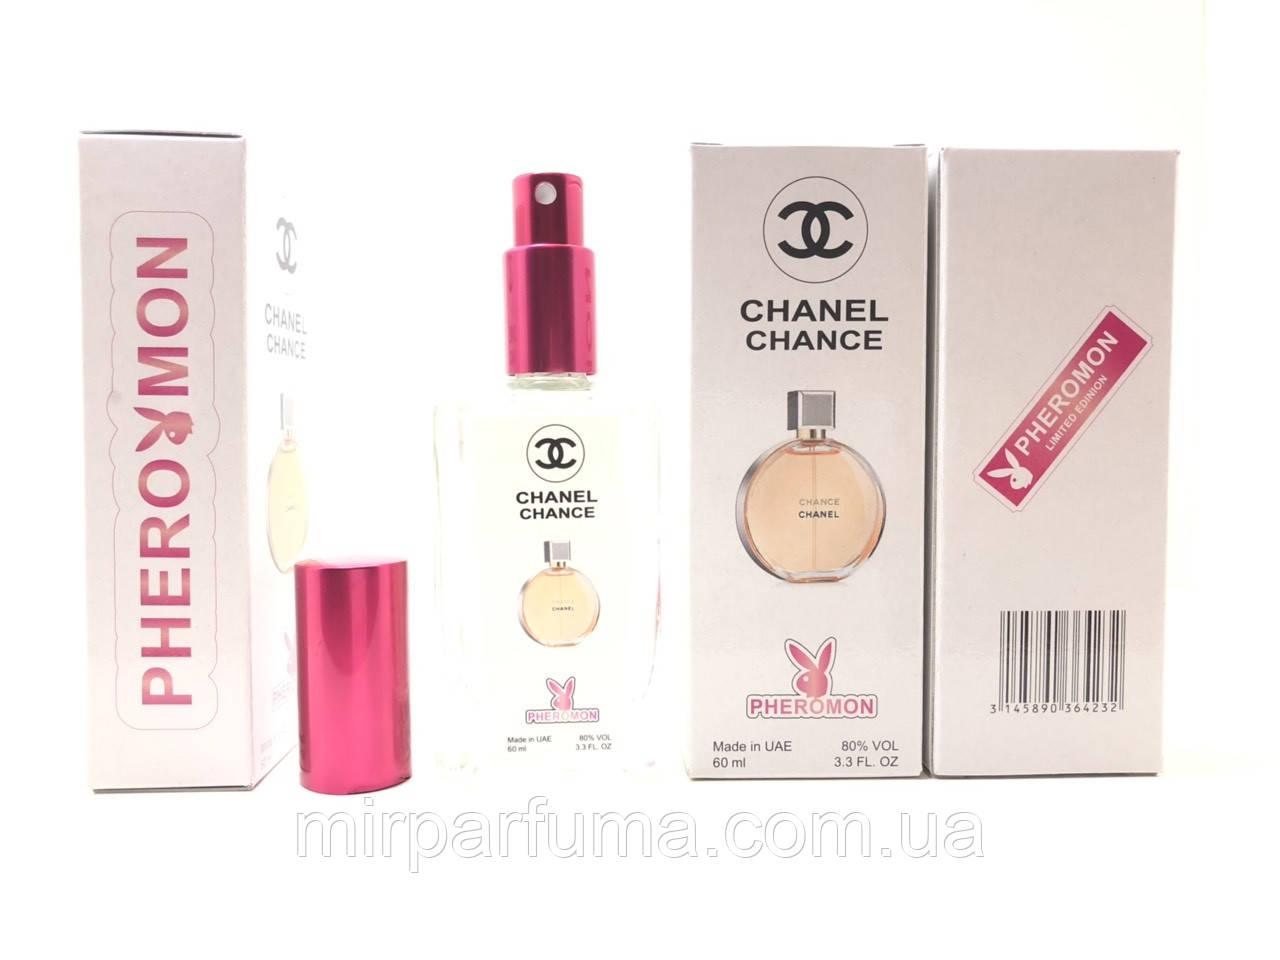 Жіночі парфуми Chane Chance 60 ml pheromon репліка